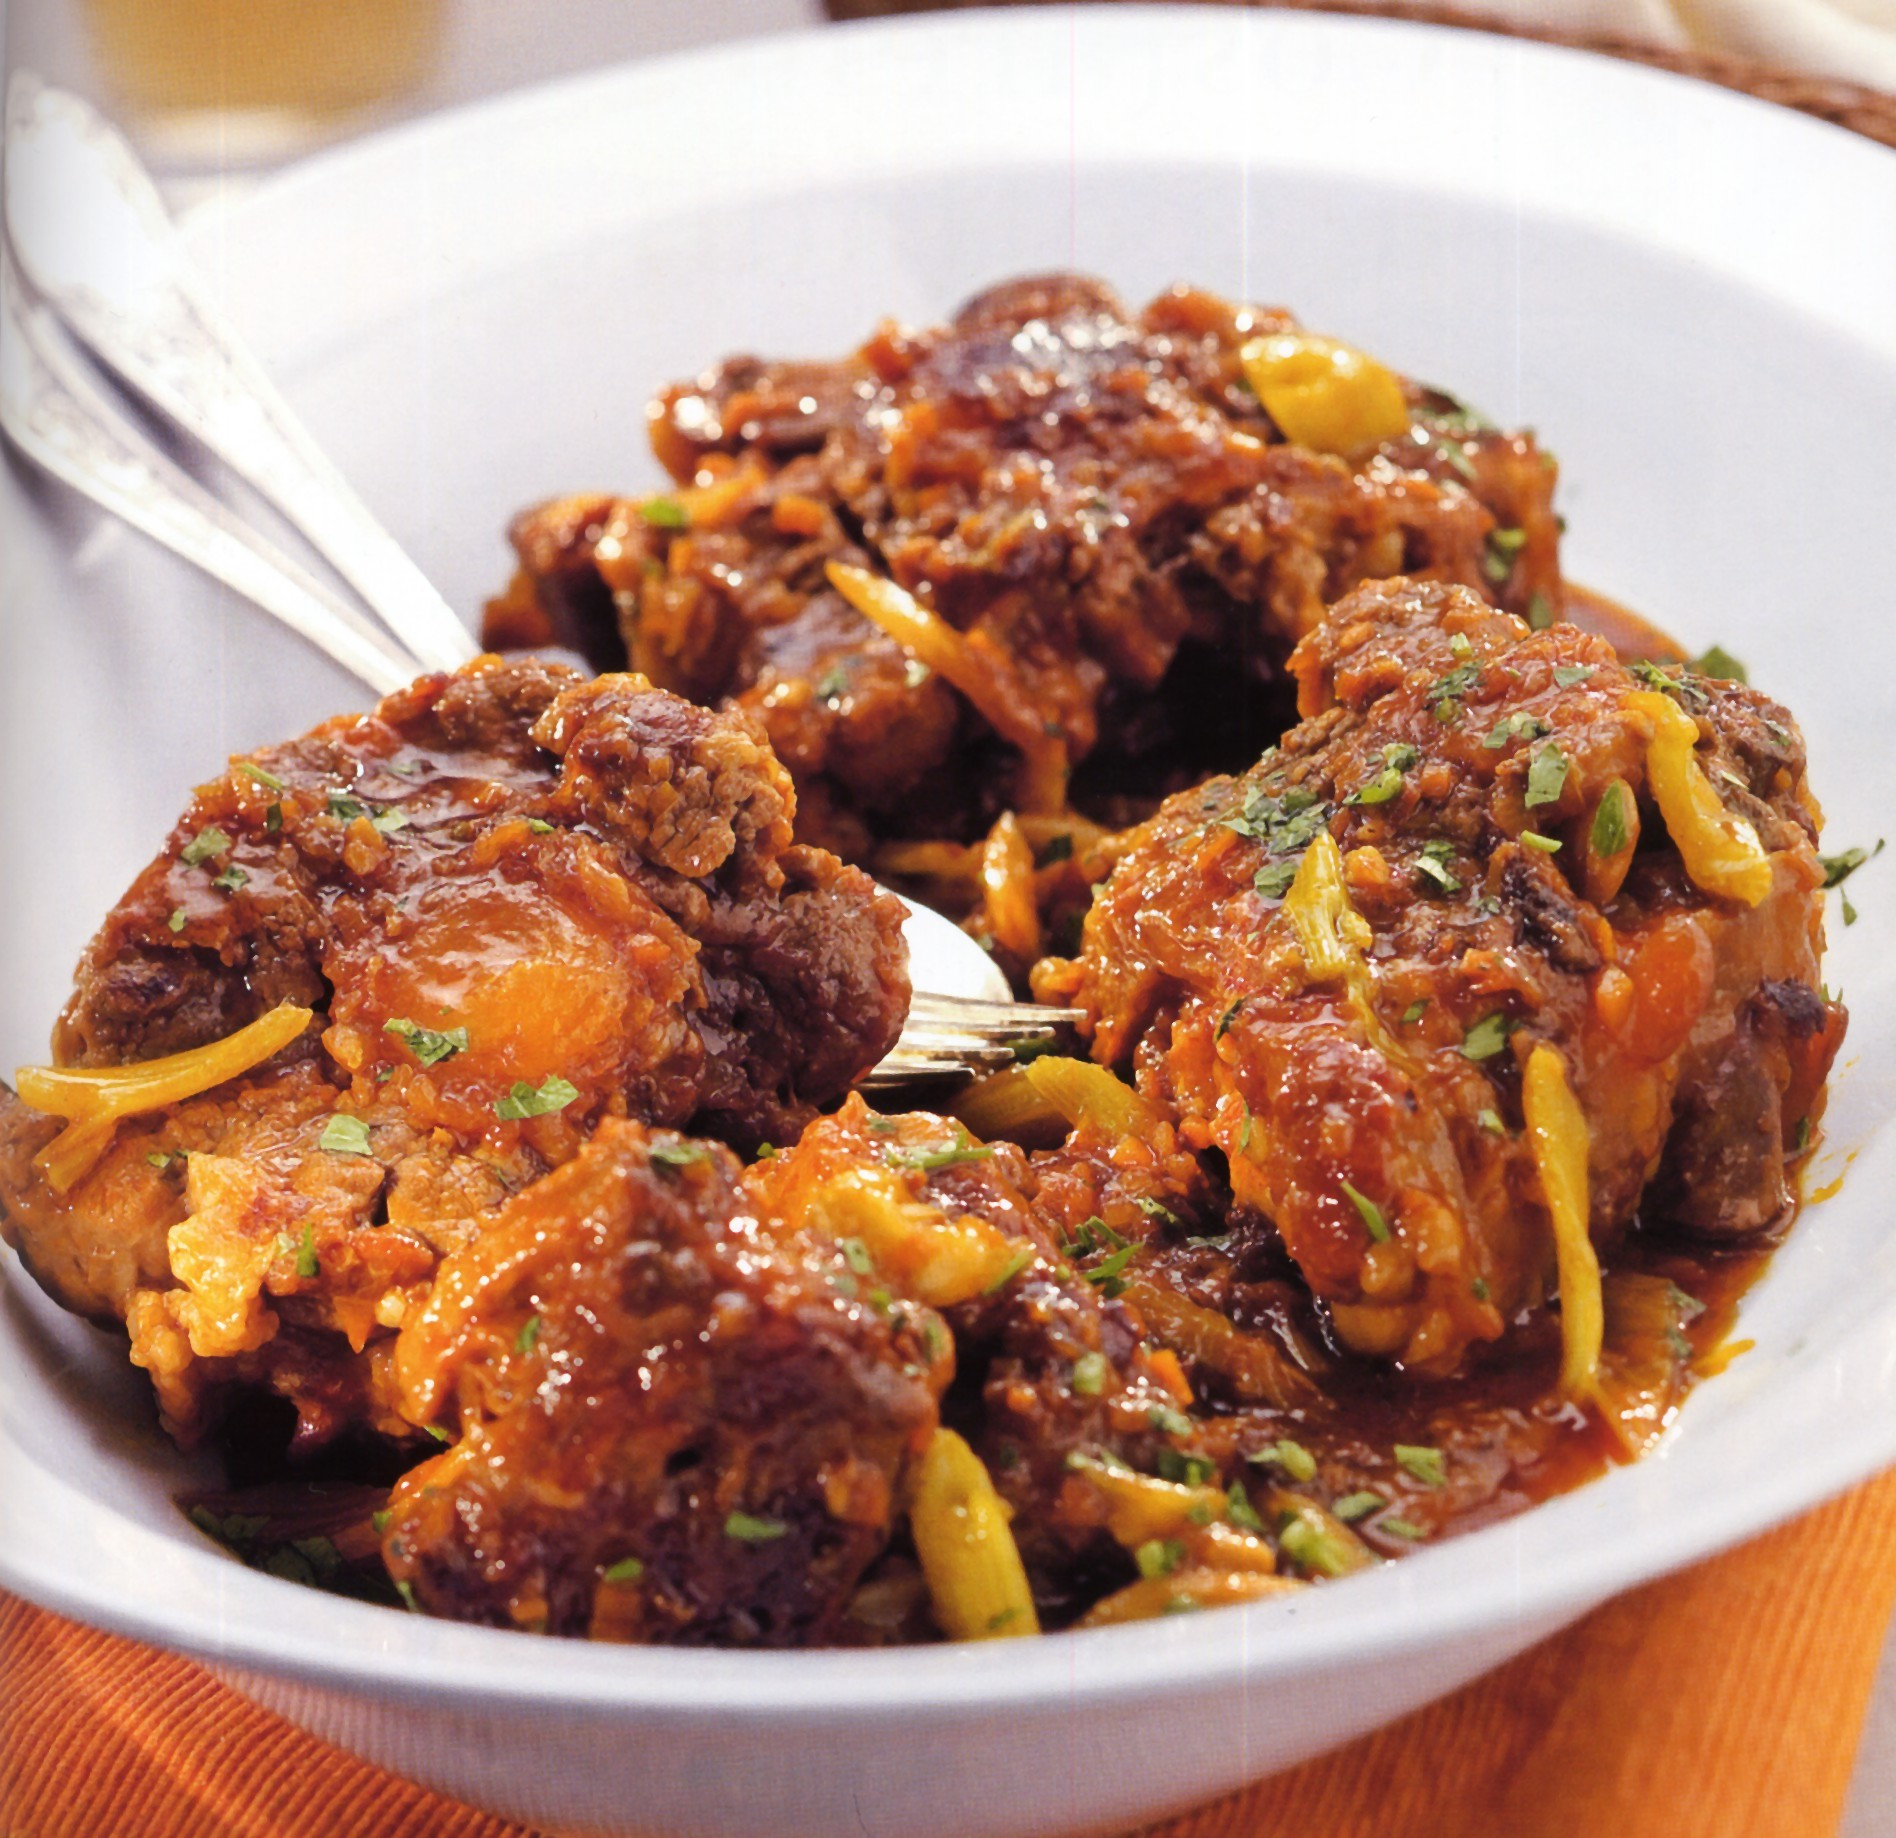 Coda alla vaccinara piatti tipici del lazio italy eat food for Piatti tipici roma